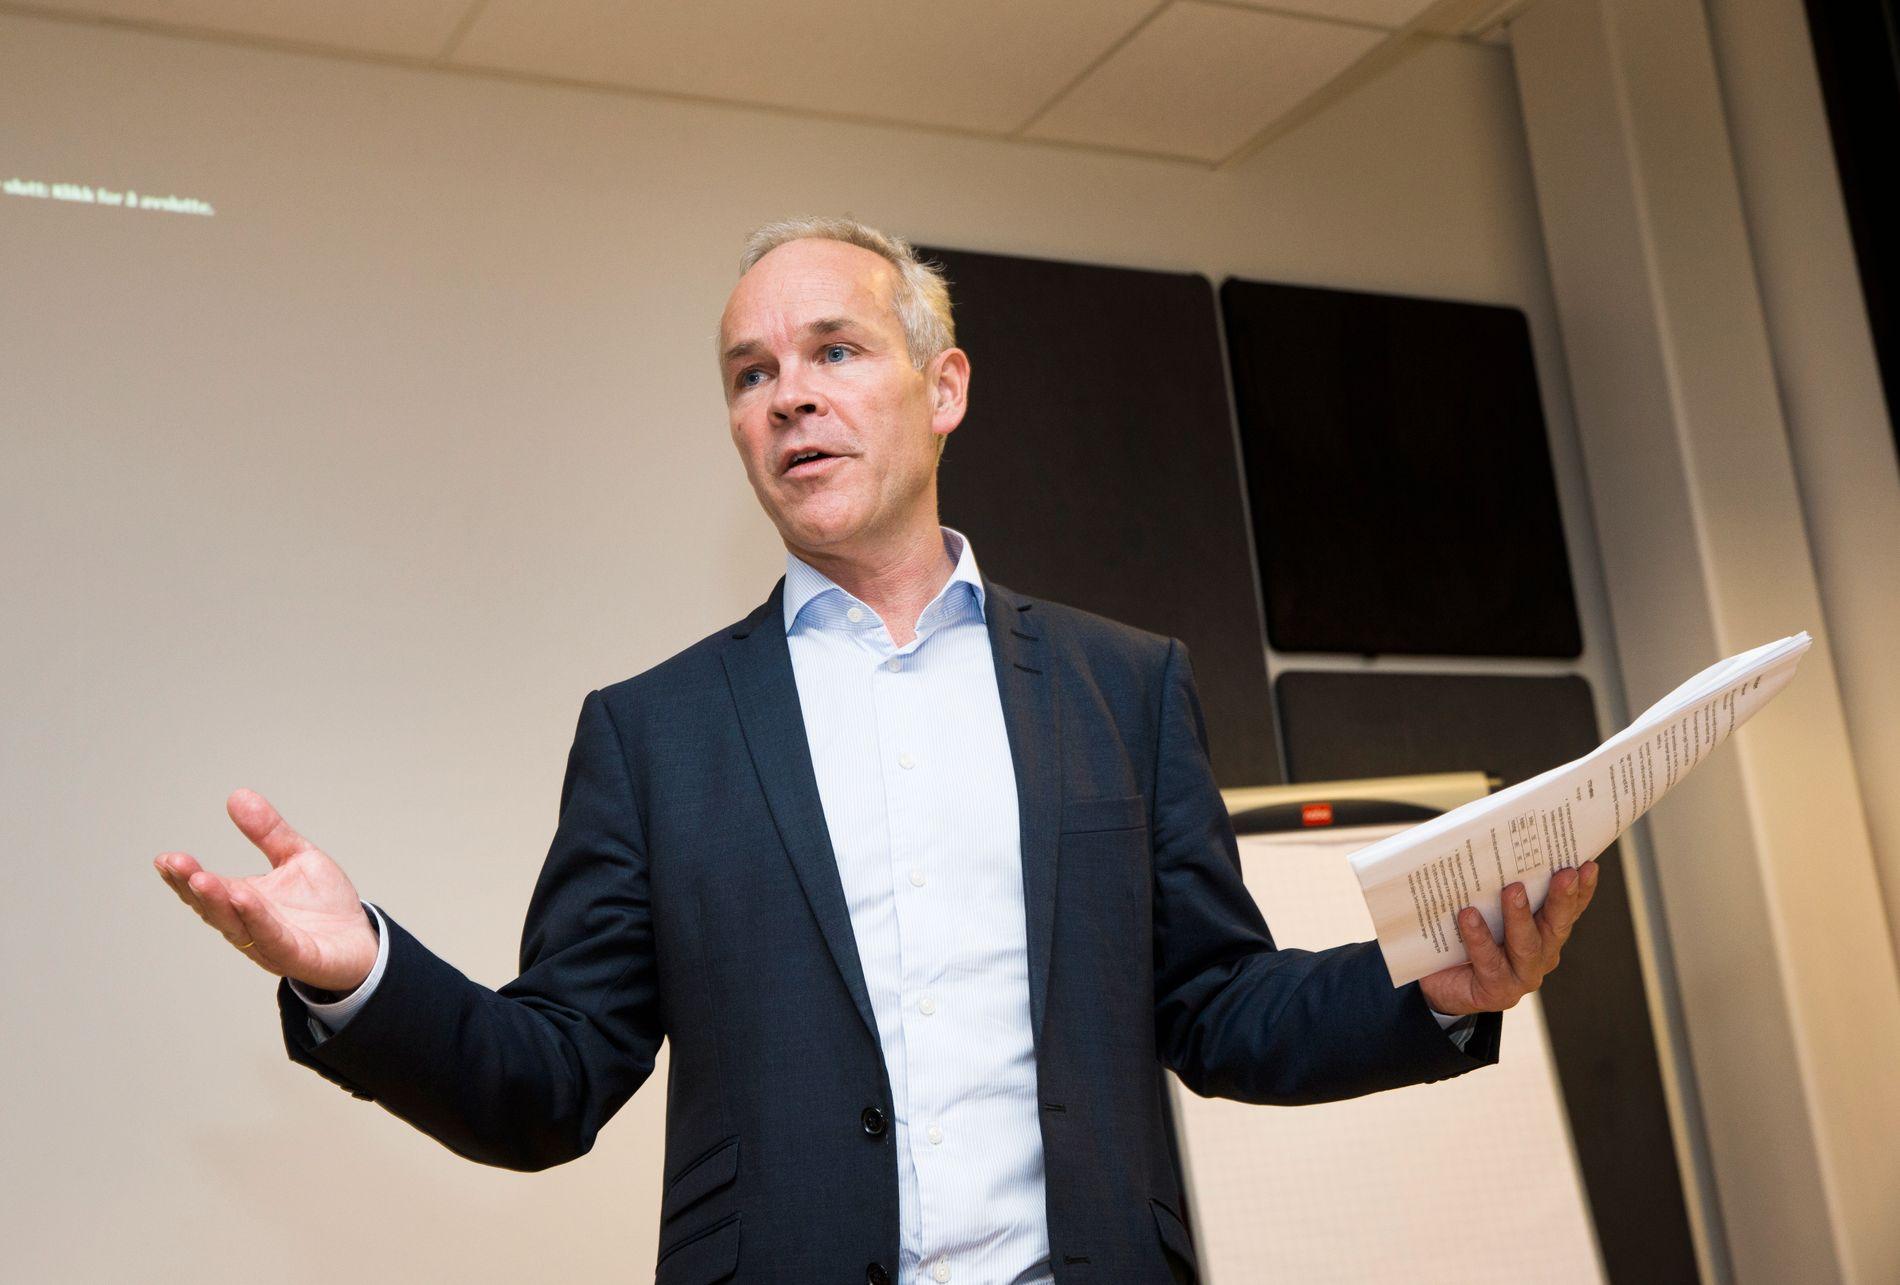 REFORMERER: Kommunal- og moderniseringsminister Jan Tore Sanner ønsker sterkere og større kommuner.